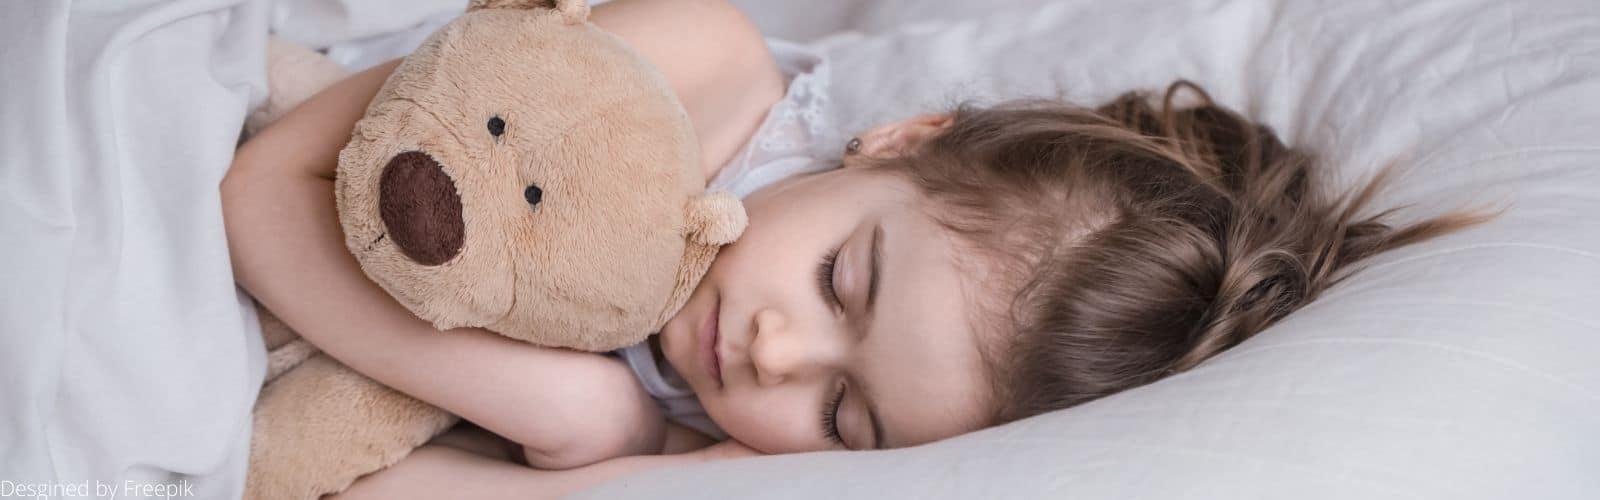 Rituel du coucher : comment aider son enfant à bien dormir